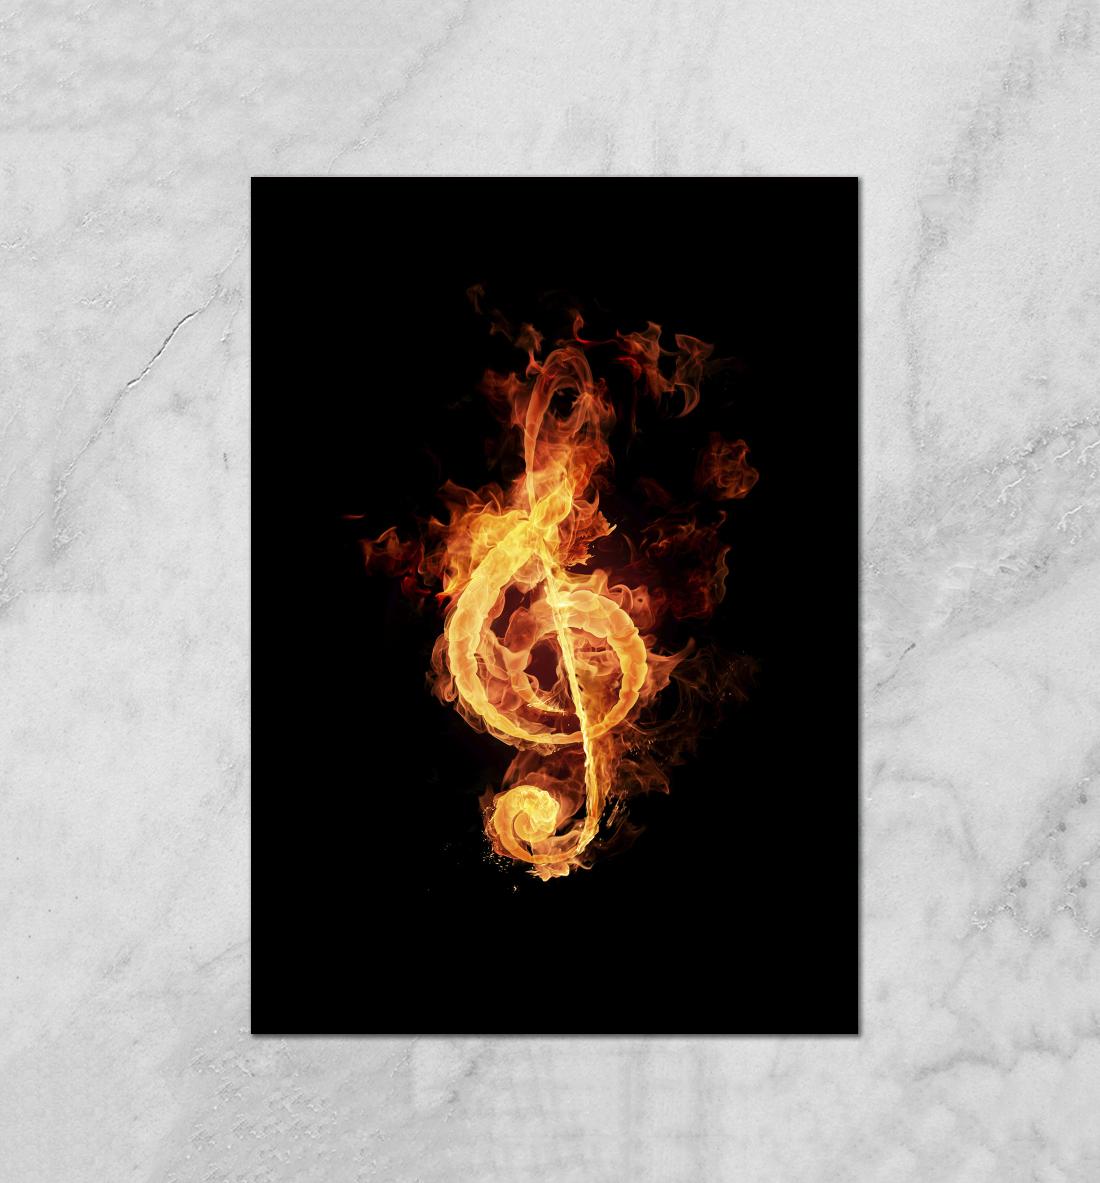 ехать детьми картинки скрипичный ключ в огне появляетесь пороге, вас